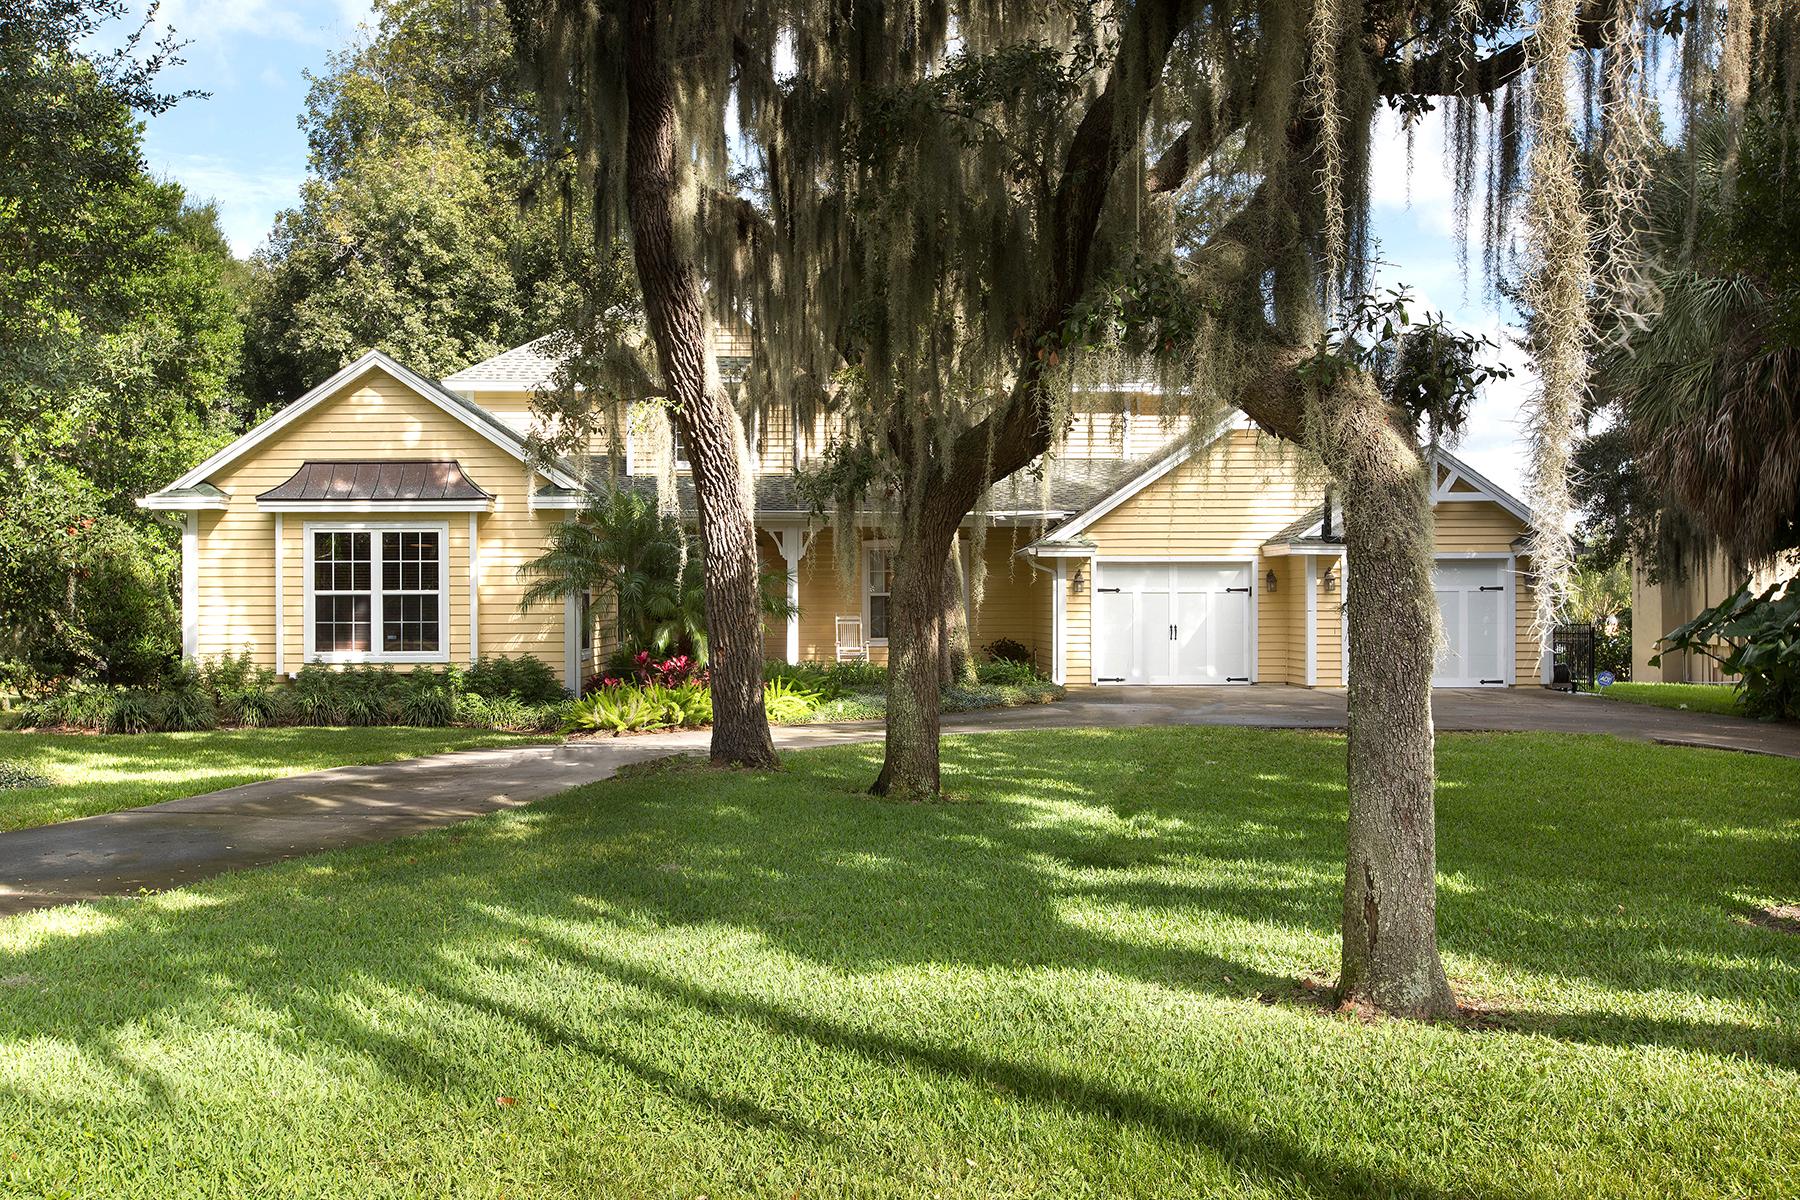 Einfamilienhaus für Verkauf beim 1771 Heim Rd , Mount Dora, FL 32757 1771 Heim Rd Mount Dora, Florida, 32757 Vereinigte Staaten